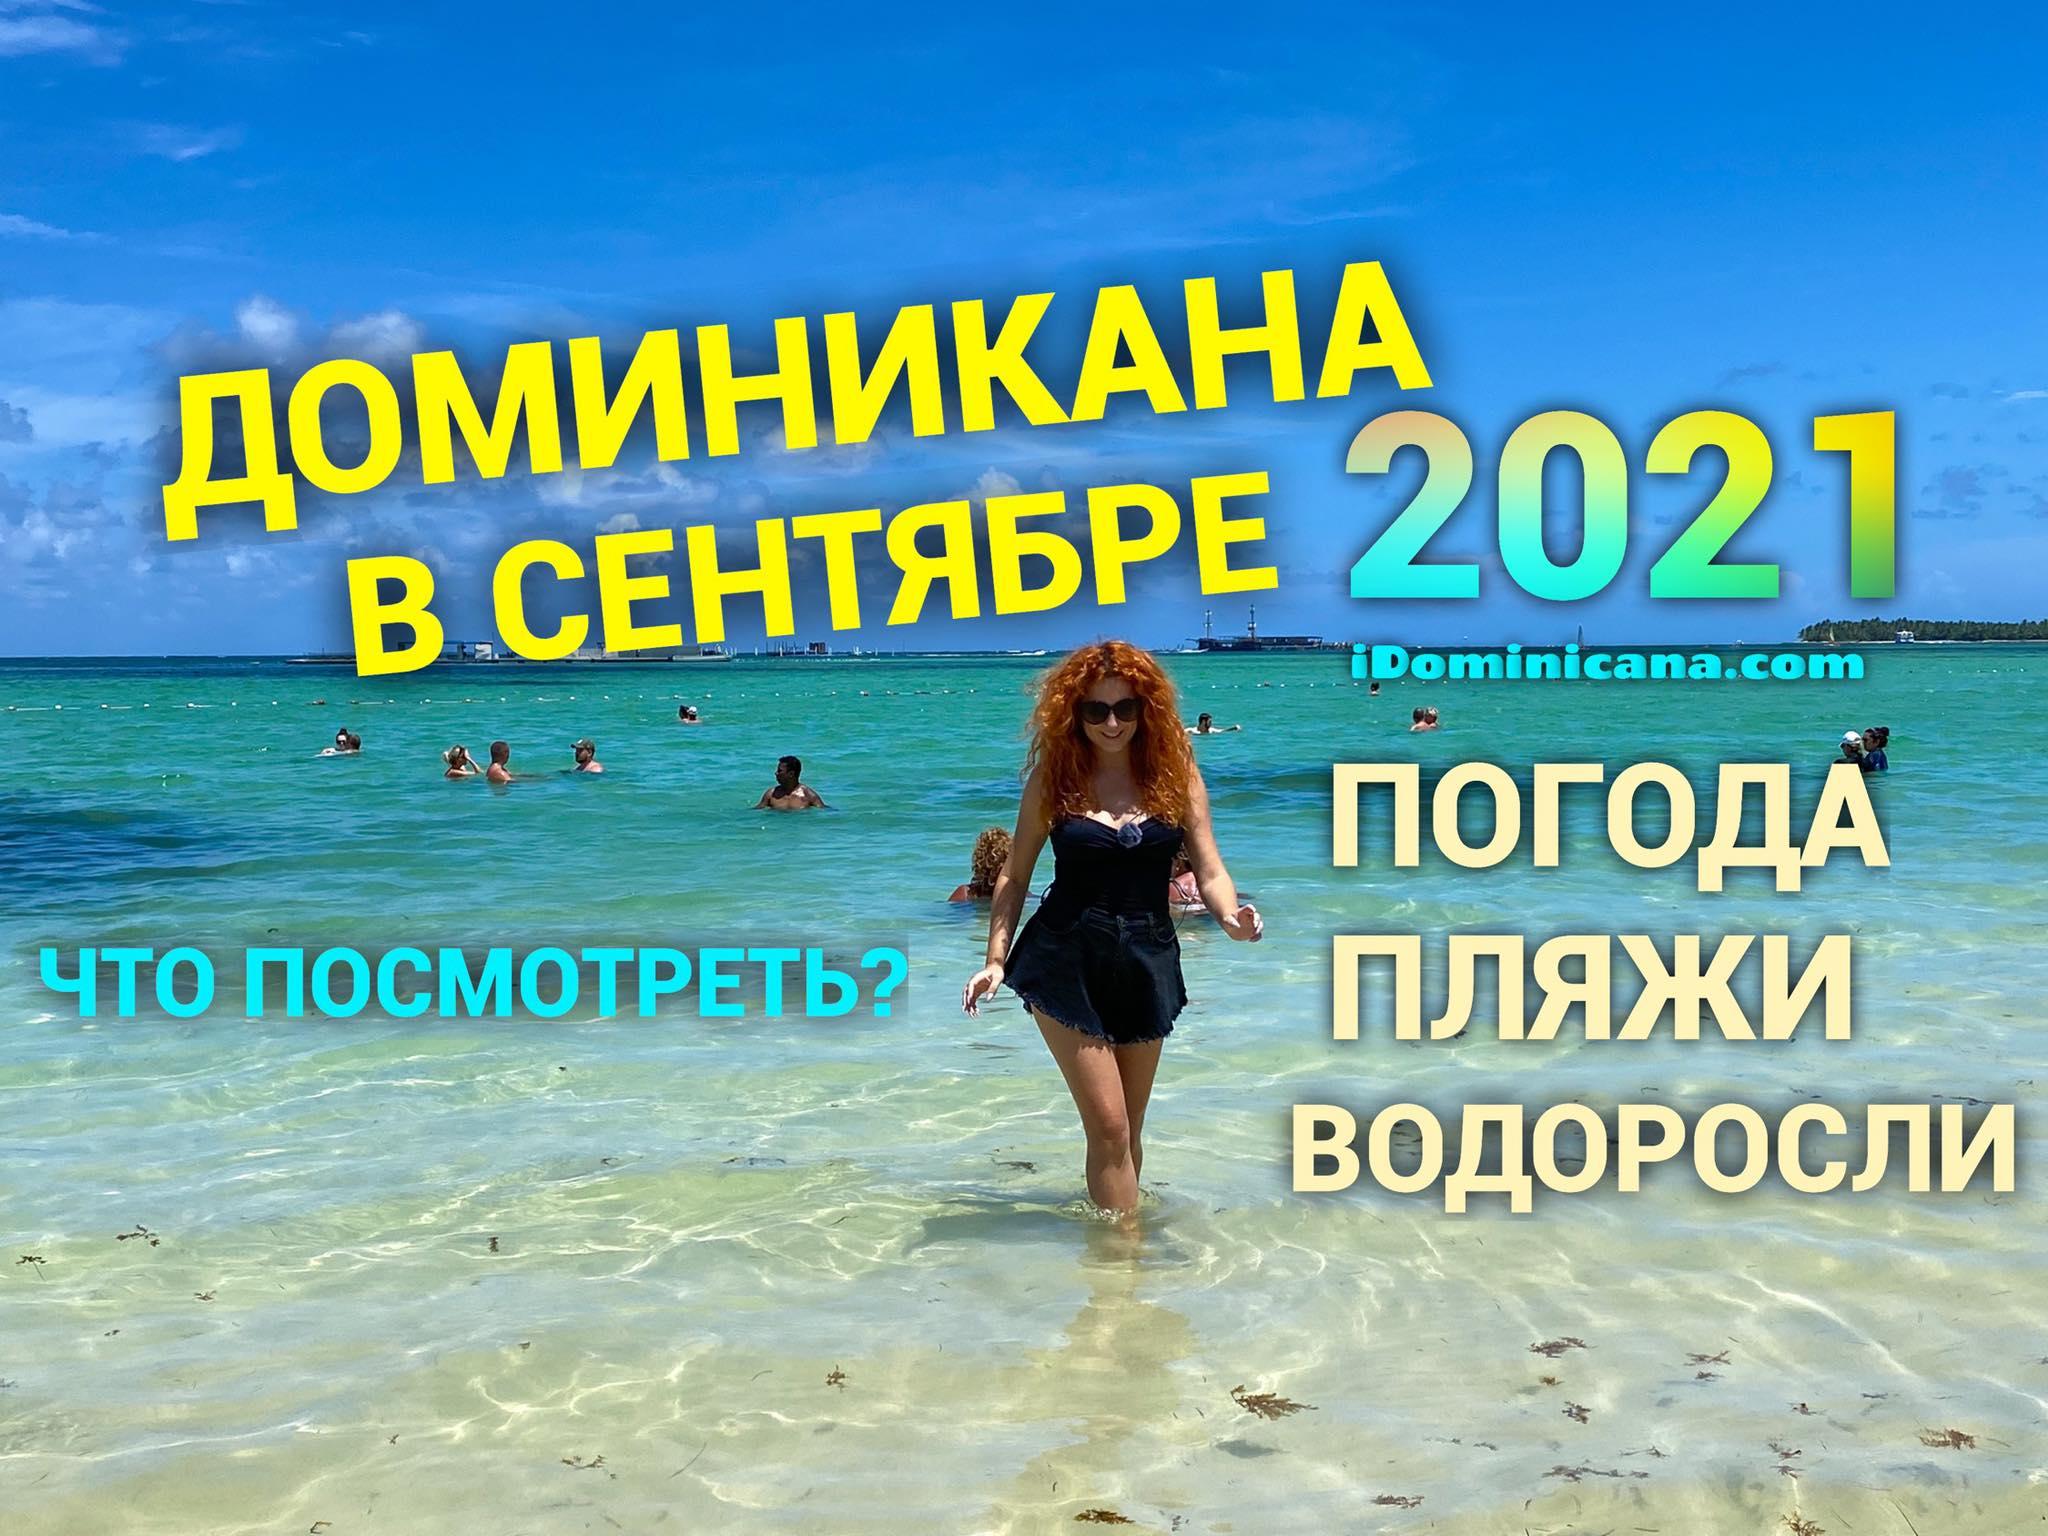 Пунта-Кана в сентябре 2021: пляжи отелей, водоросли, экскурсии - ВИДЕО